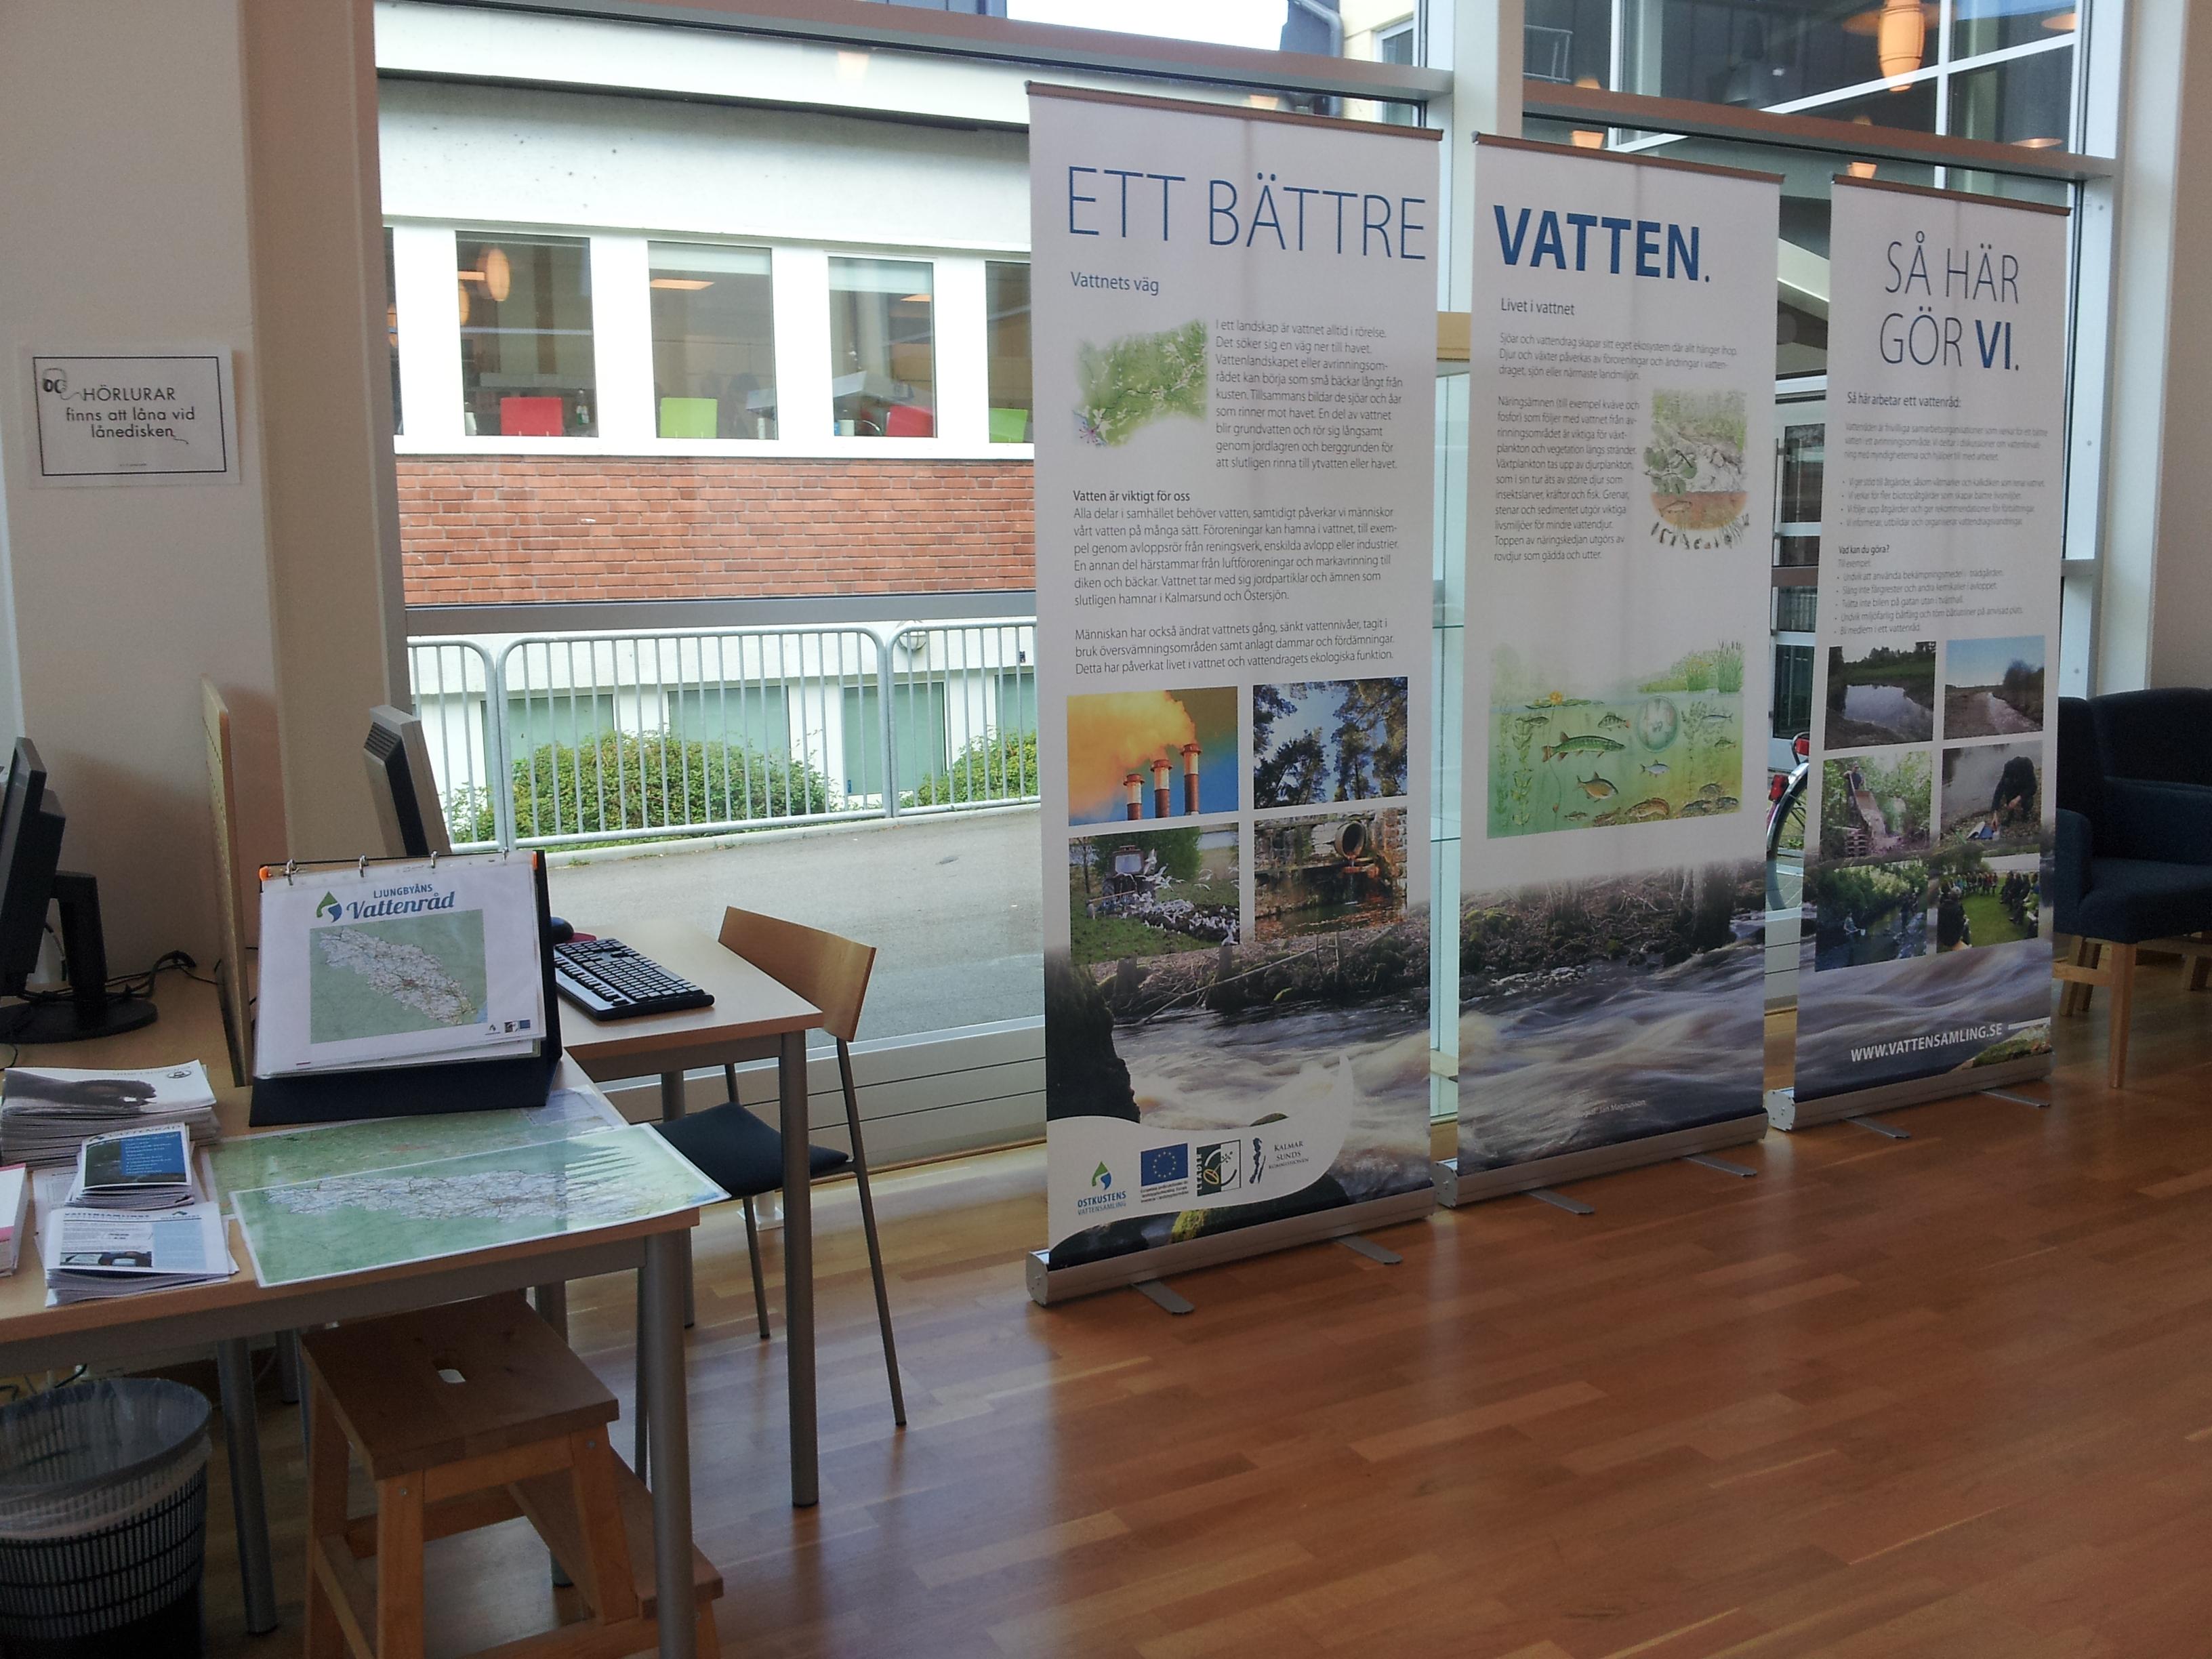 utställning om vattenråd